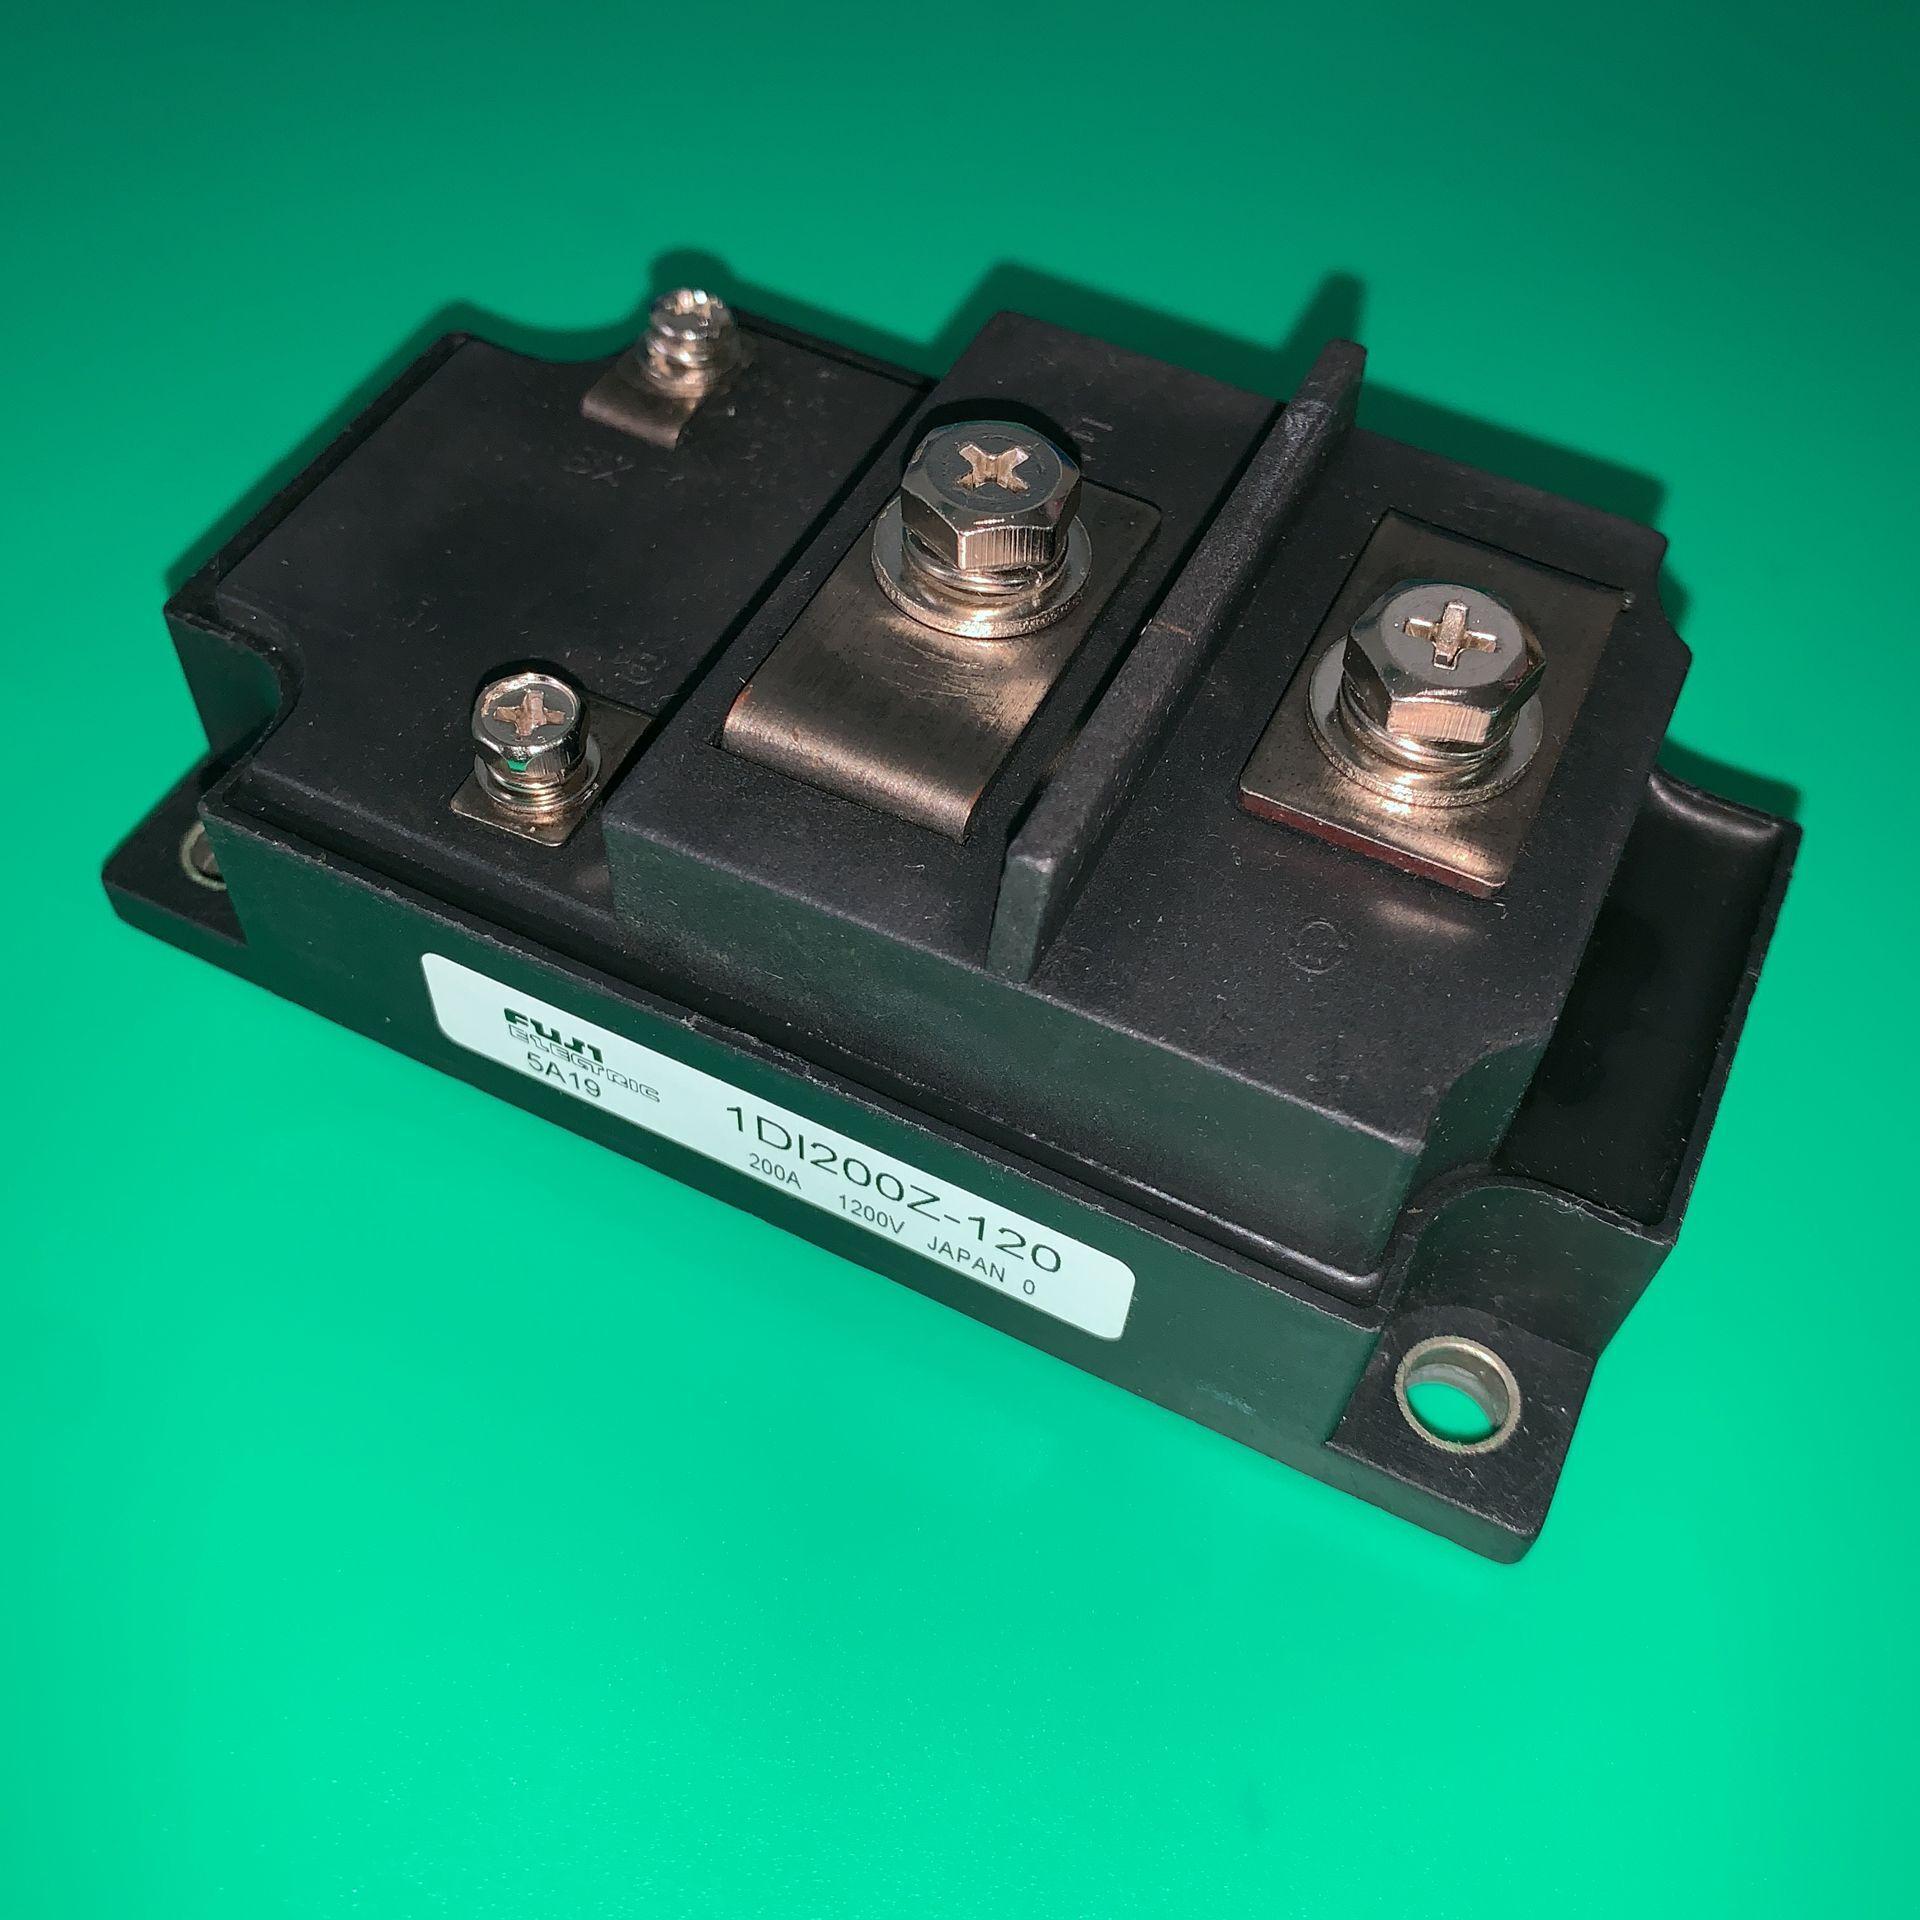 1DI200Z-120 الطاقة الترانزستور وحدة 1DI200 Z-120 200A 1200V IGBT 1DI200Z120 1D1200Z-120 IDI200Z-120 1DI200-120 1DI2002-120